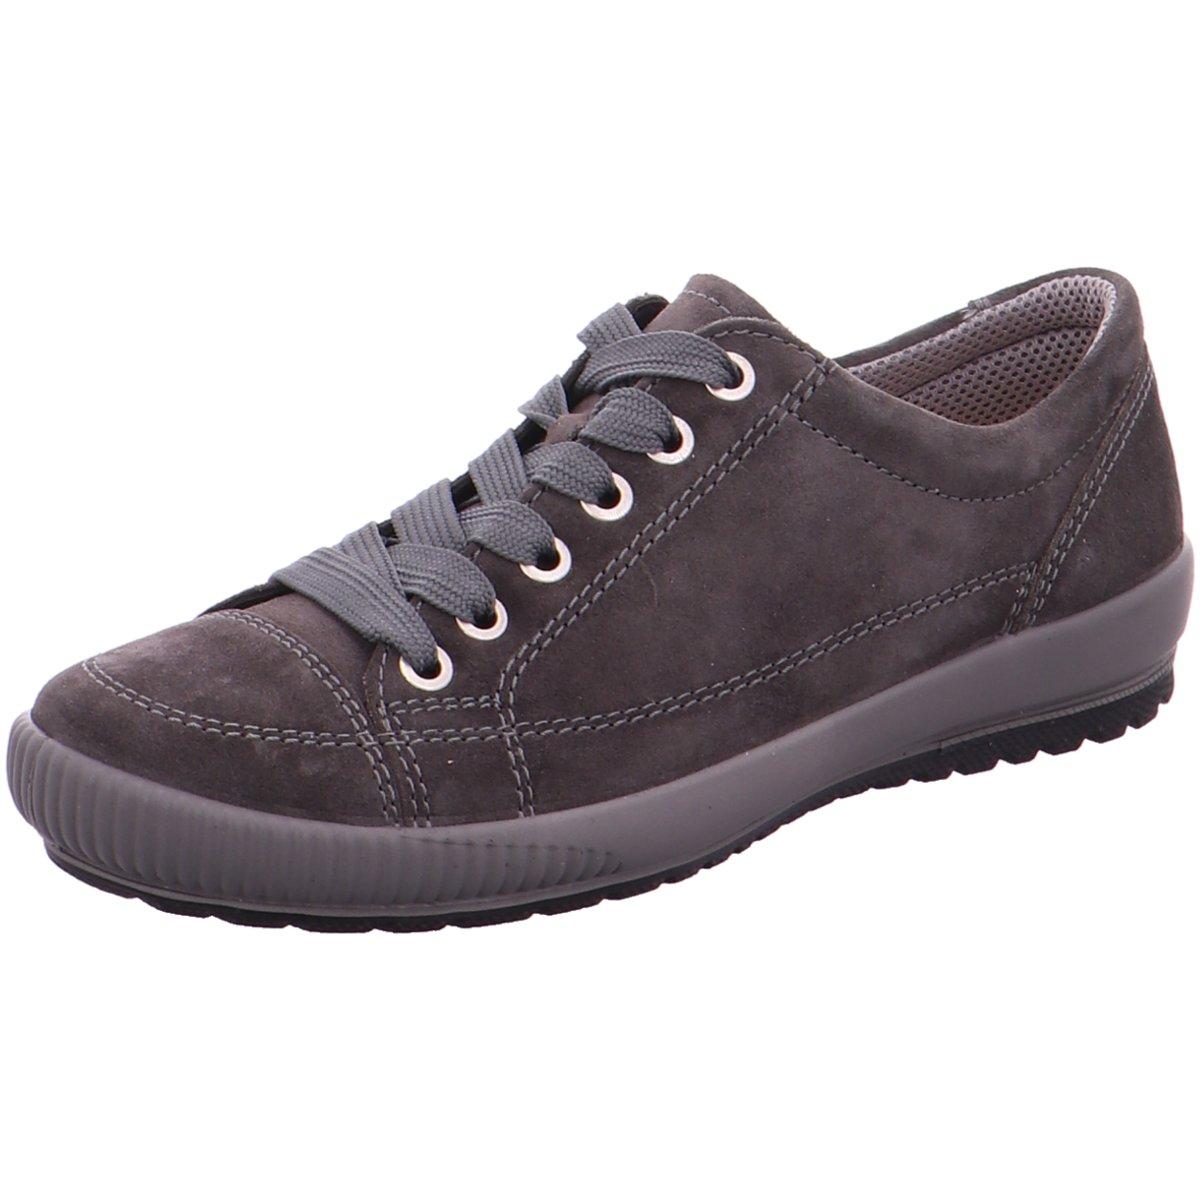 Legero Tanaro Damenschuhe Sneakers Schnürschuhe 8 00820 80